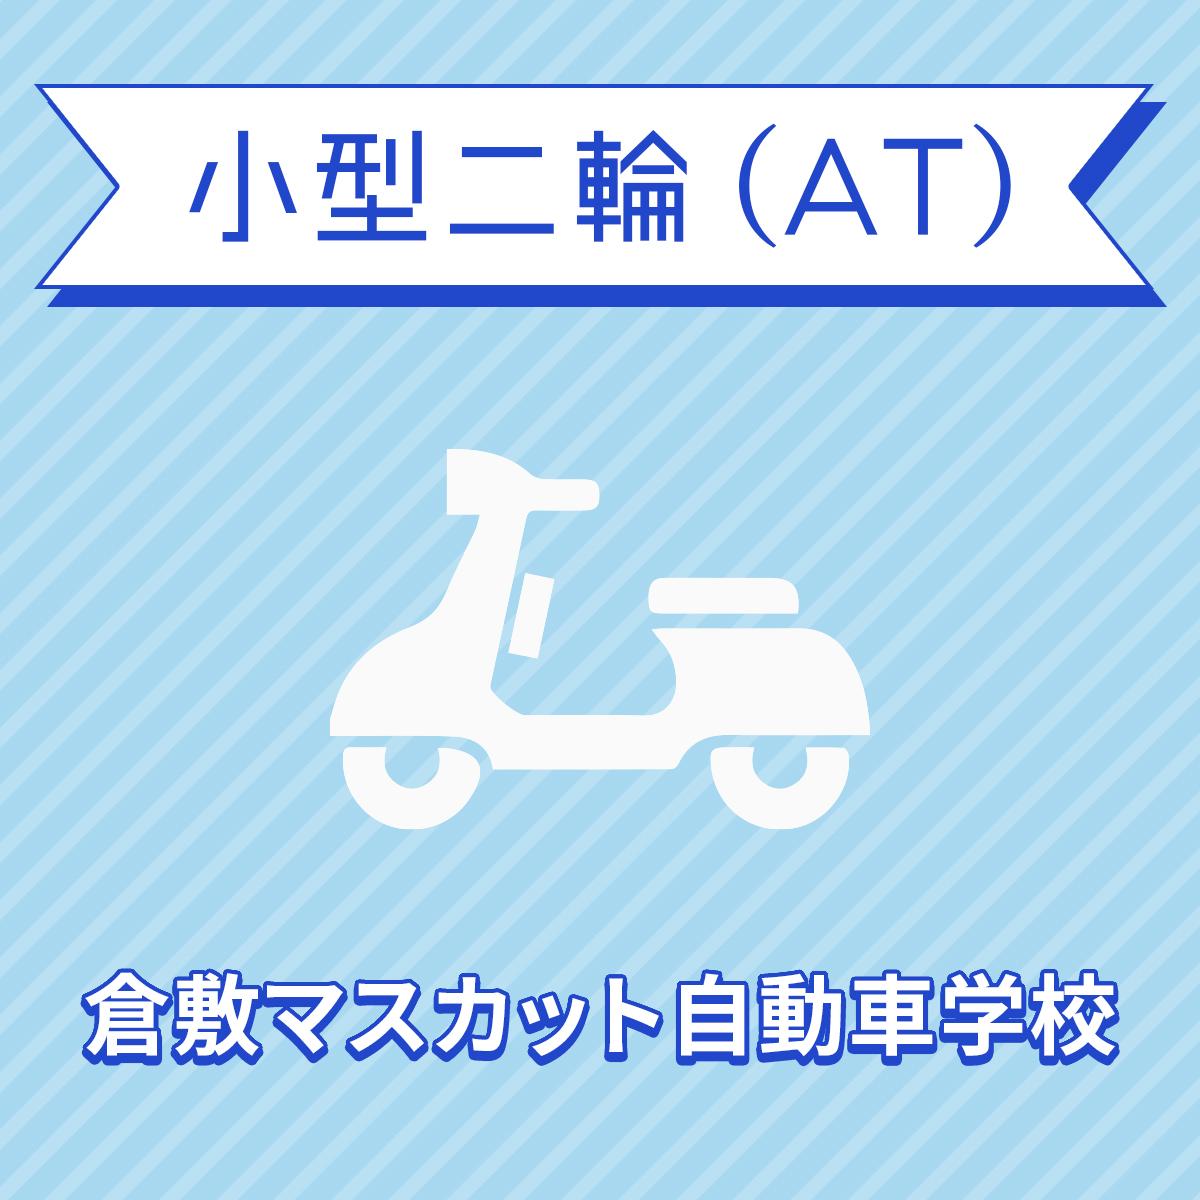 【岡山県倉敷市】小型二輪ATコース<免許なし/原付免許所持対象>